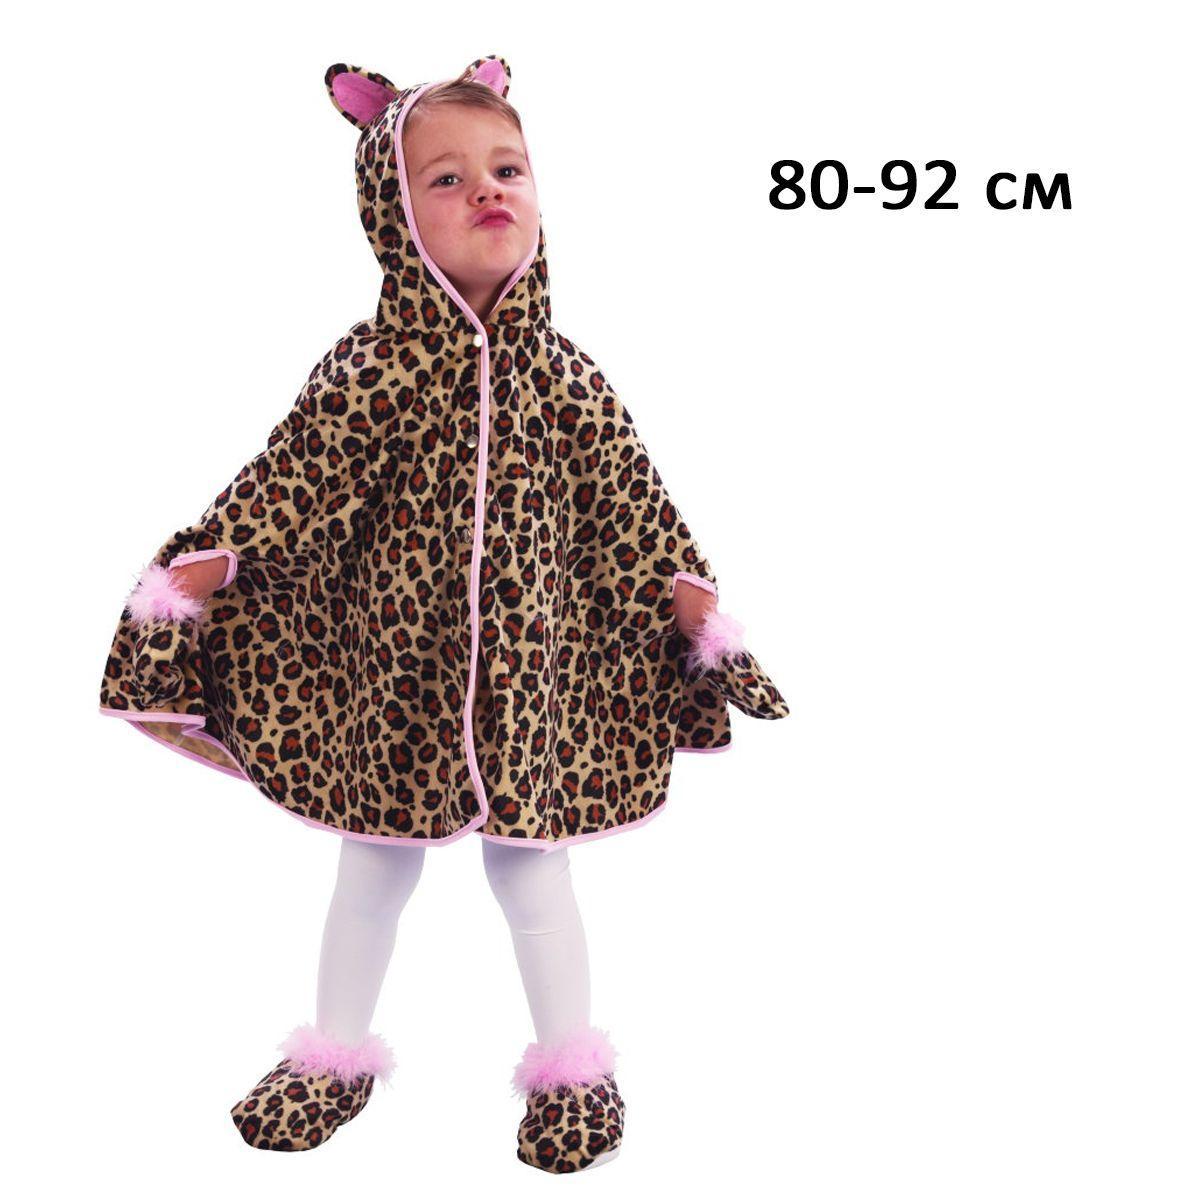 """Карнавальный костюм """"Леопард"""" (80-92 см) 82376"""